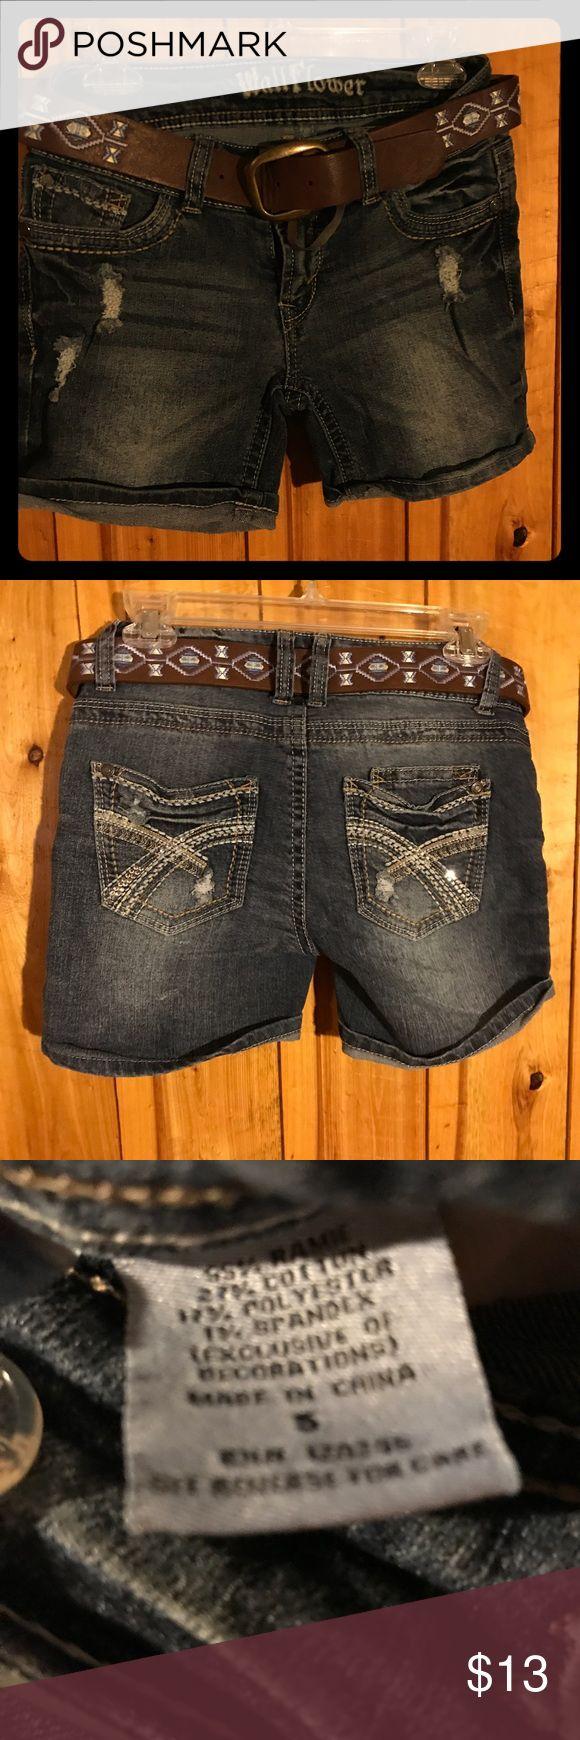 Wallflower jean shorts size 5 Wallflower jean shorts size 5 Wallflower Shorts Jean Shorts